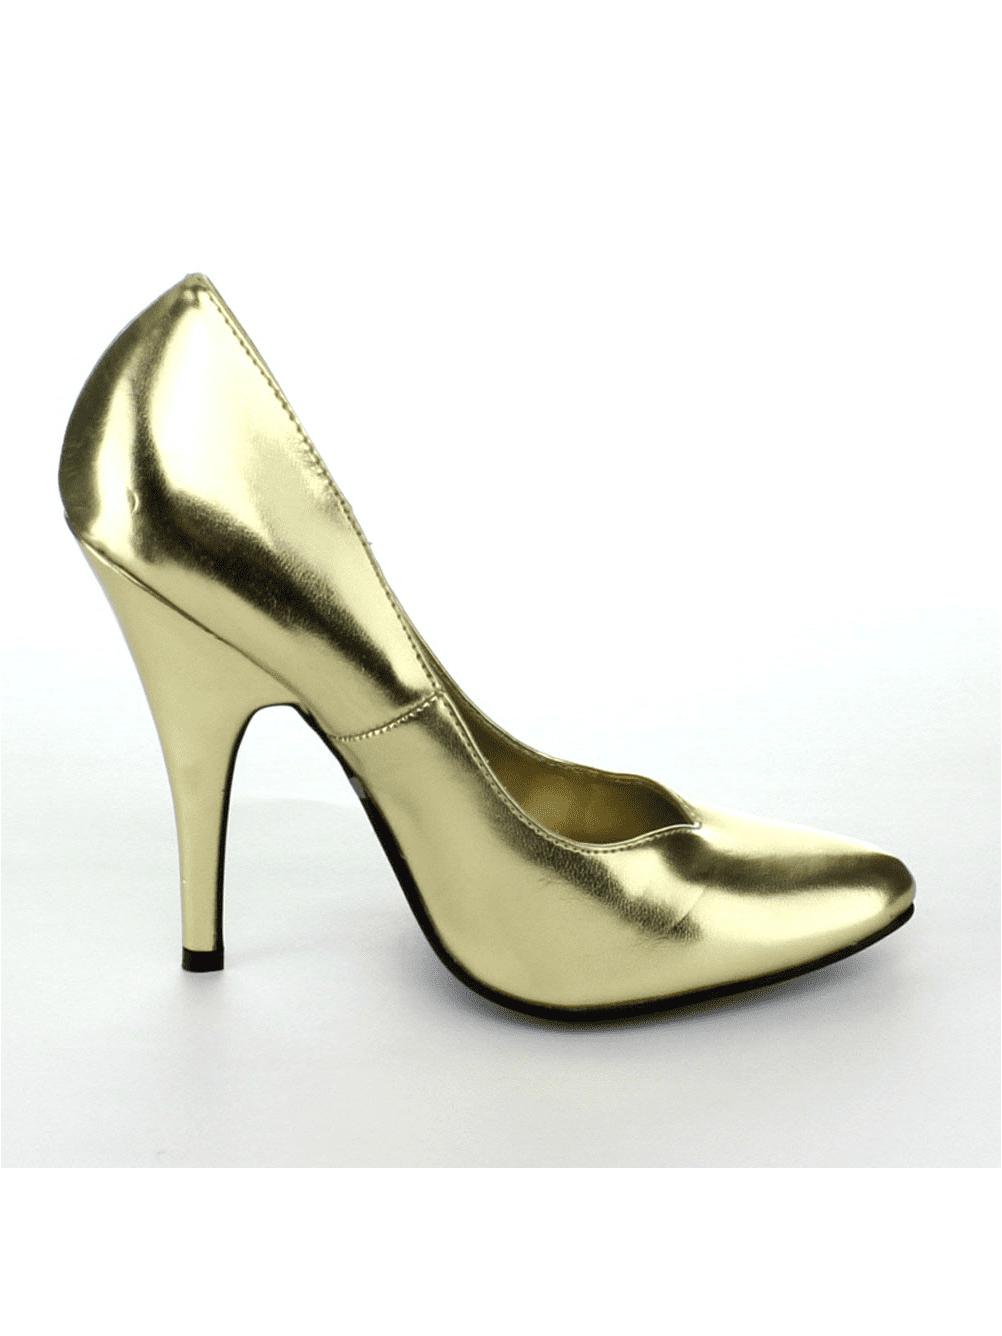 Ellie Shoes E-8220 5 Heel Pumps Blue / 6